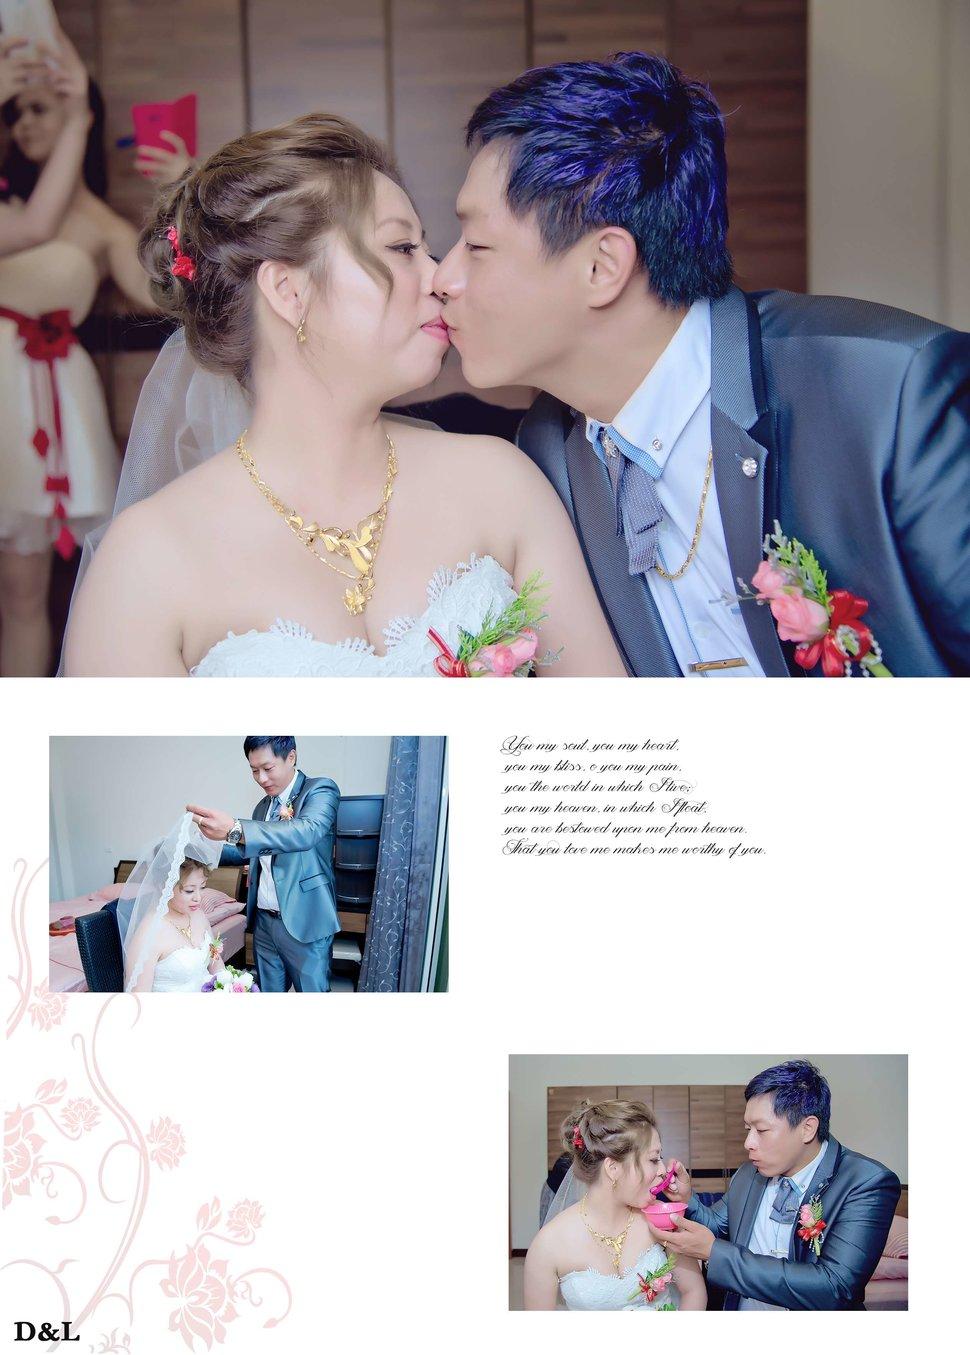 雲林婚攝 婚禮紀錄 敬添&綉芬 喜洋洋宴會廳雲林(編號:253241) - D&L 婚禮事務-婚紗攝影/婚禮記錄 - 結婚吧